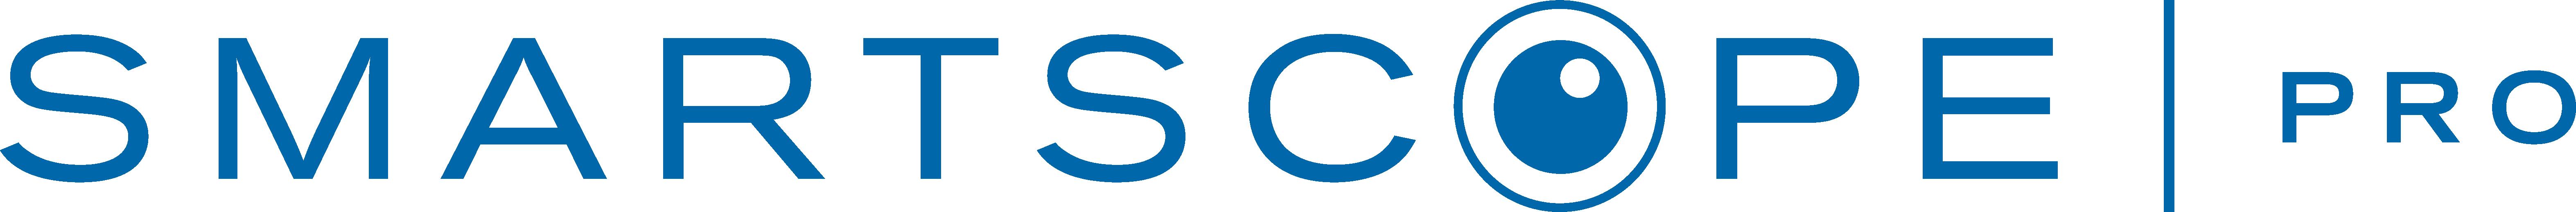 Smartscope Pro logo